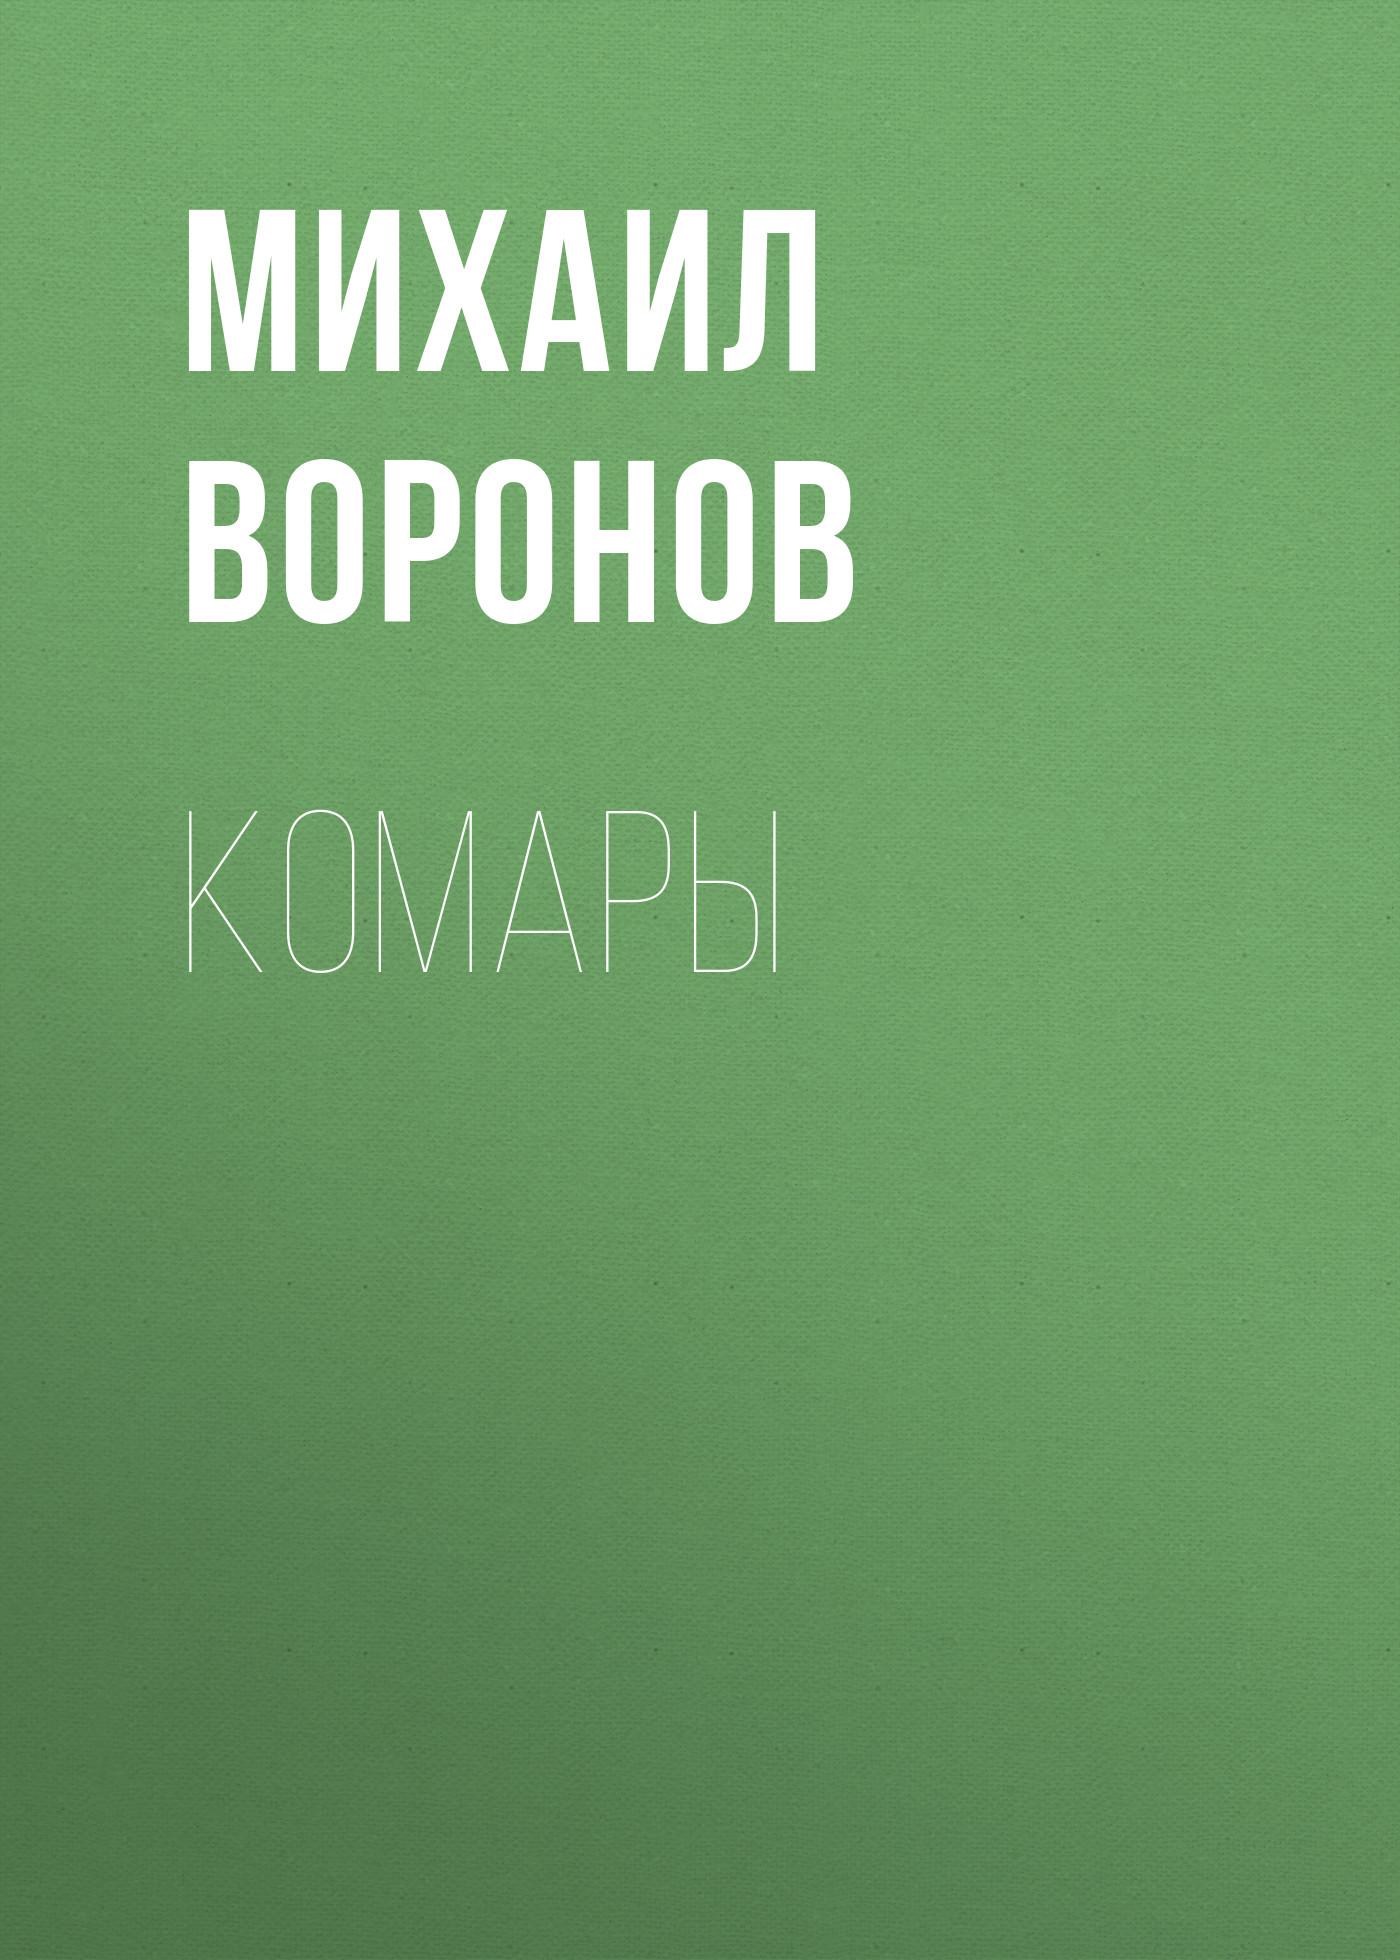 Фото - Михаил Воронов Комары михаил воронов игры шакалов